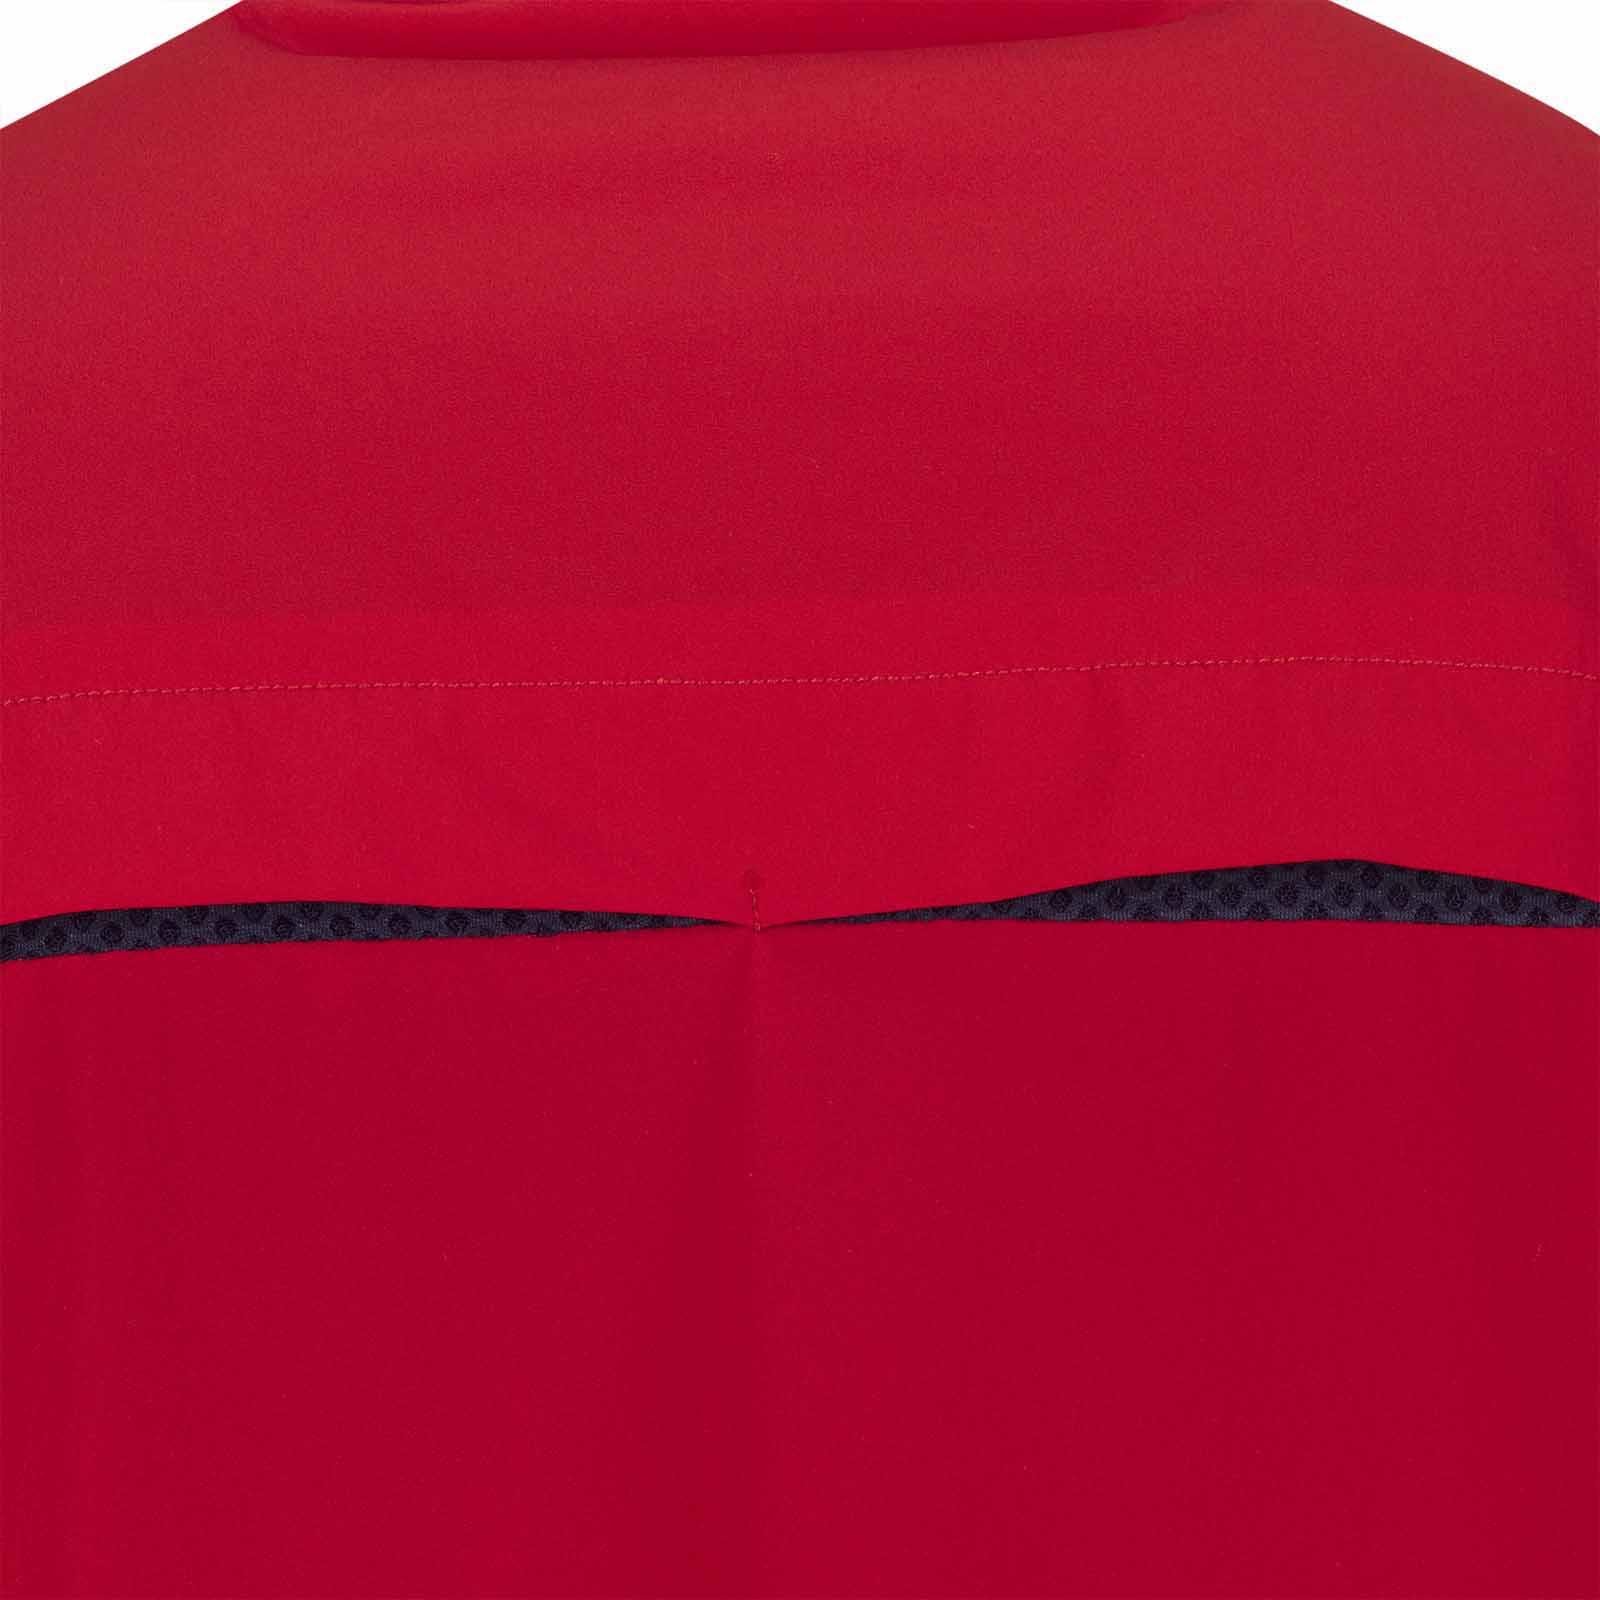 Herren Pullover mit Windschutz, Stehkragen und kurzem Zip in Loose Fit